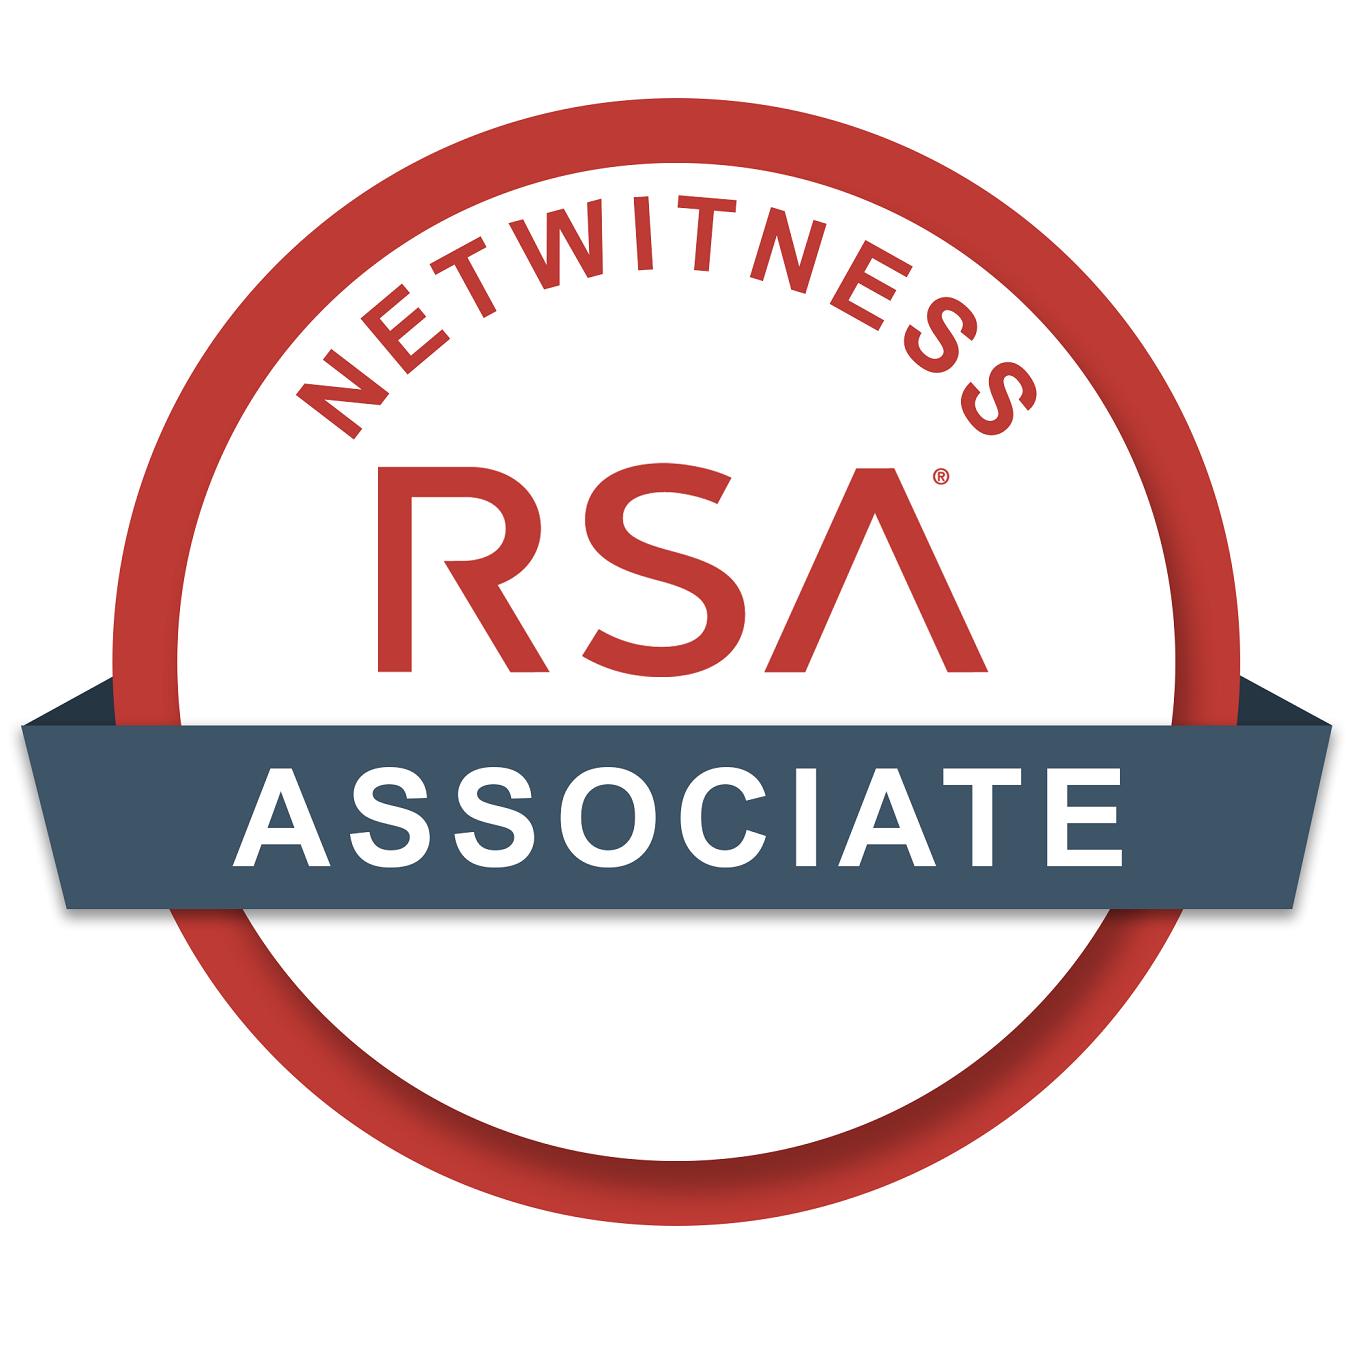 NetWitness Certified Associate